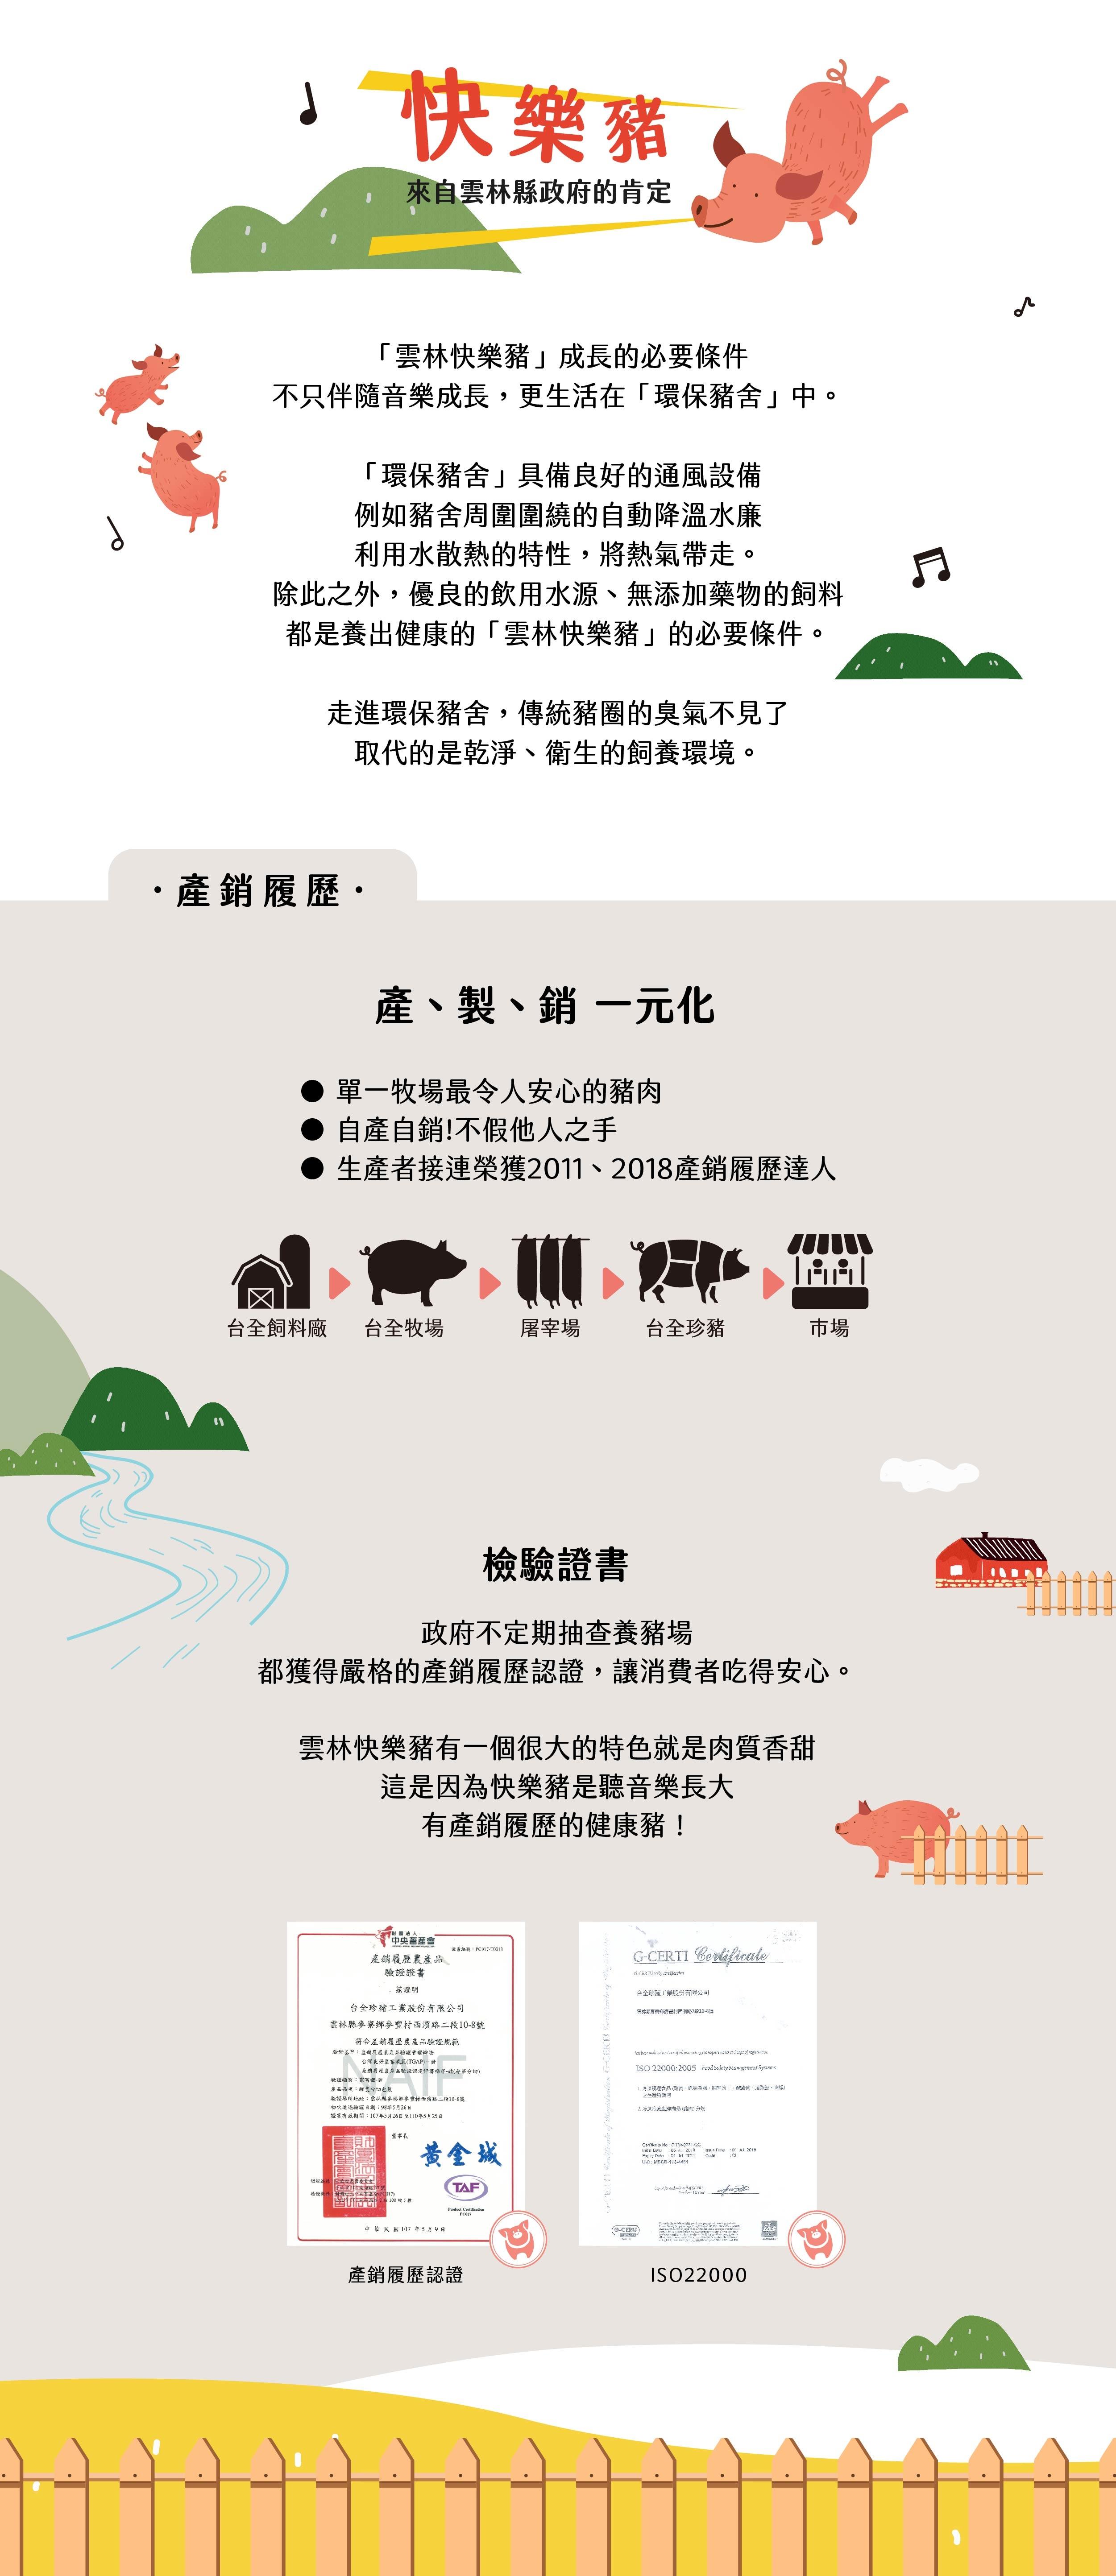 台全環保乾淨豬舍,聽音樂長大的豬,優質台灣豬肉